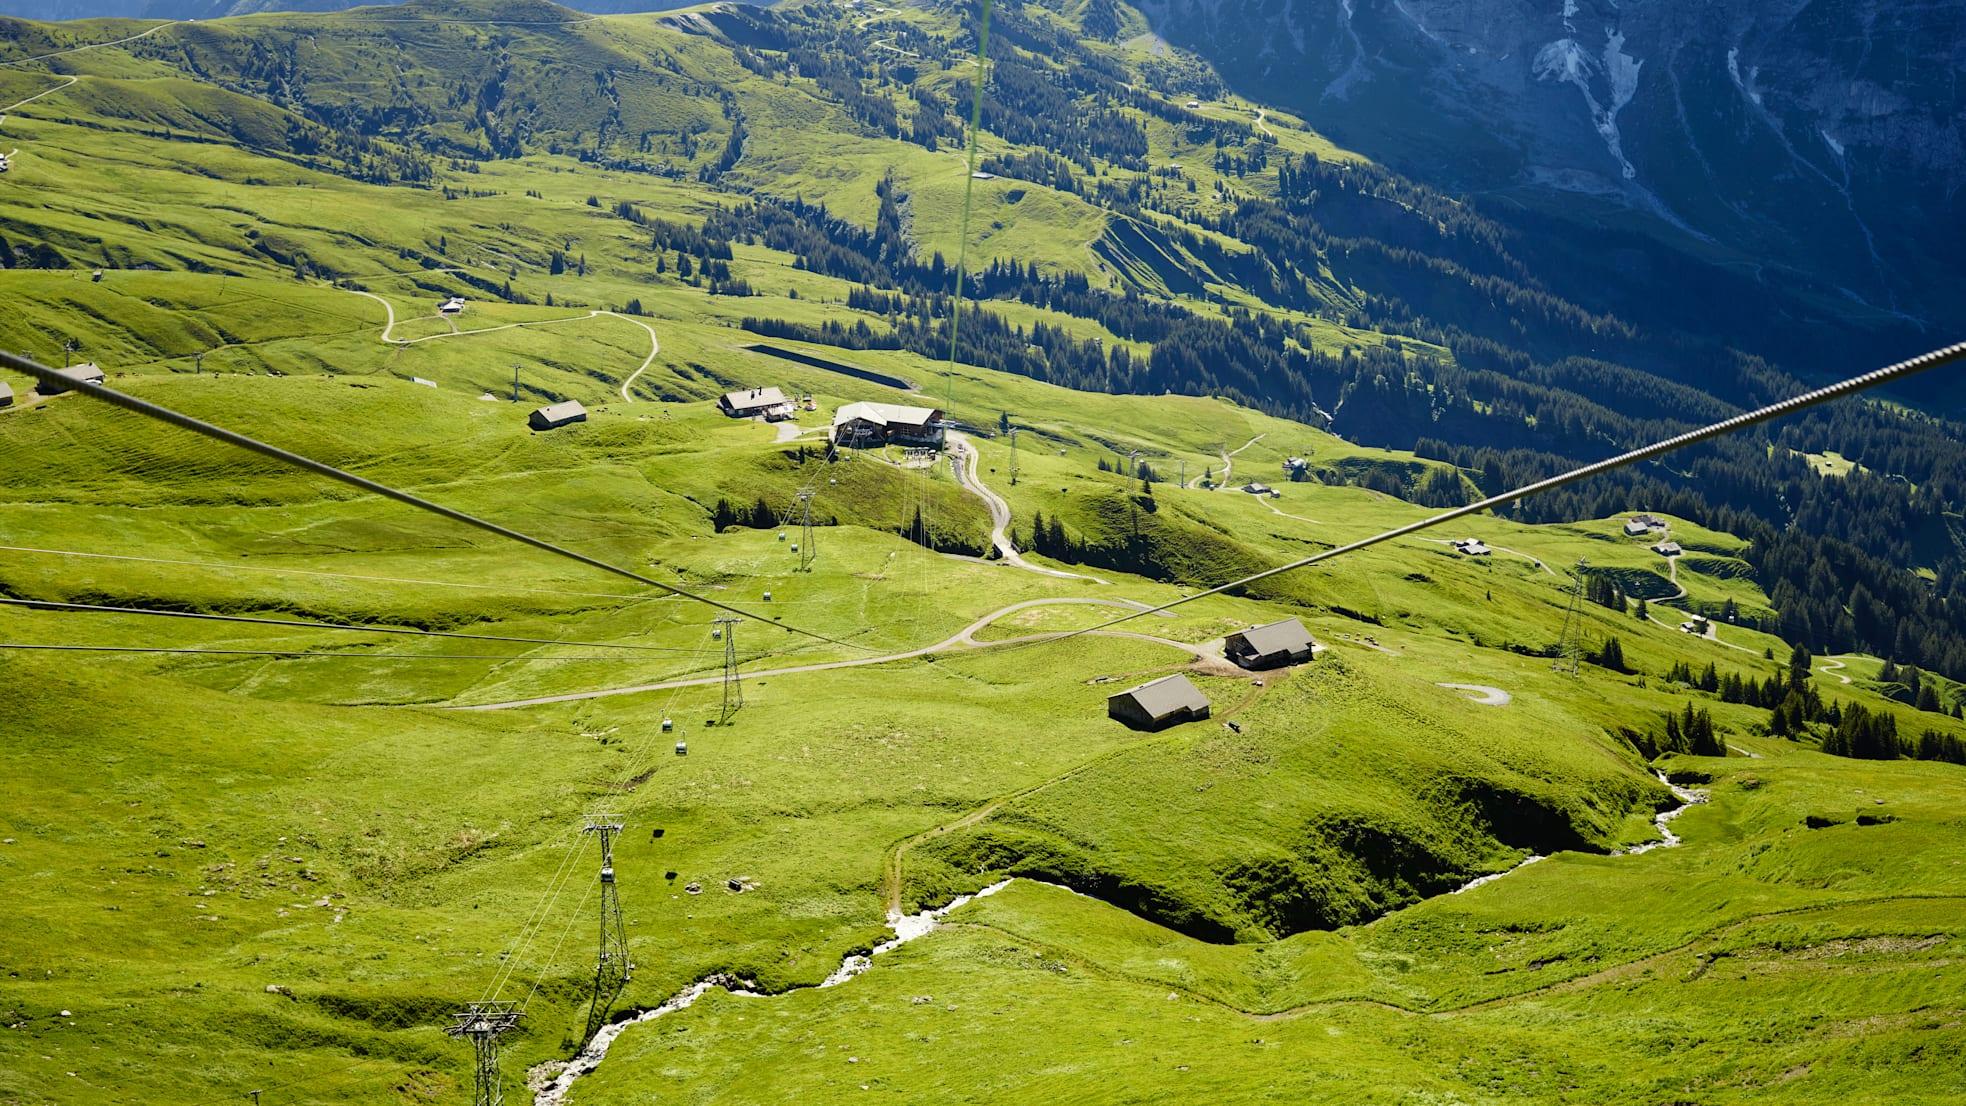 First Flieger Adventure Alp Schreckfeld Sommer